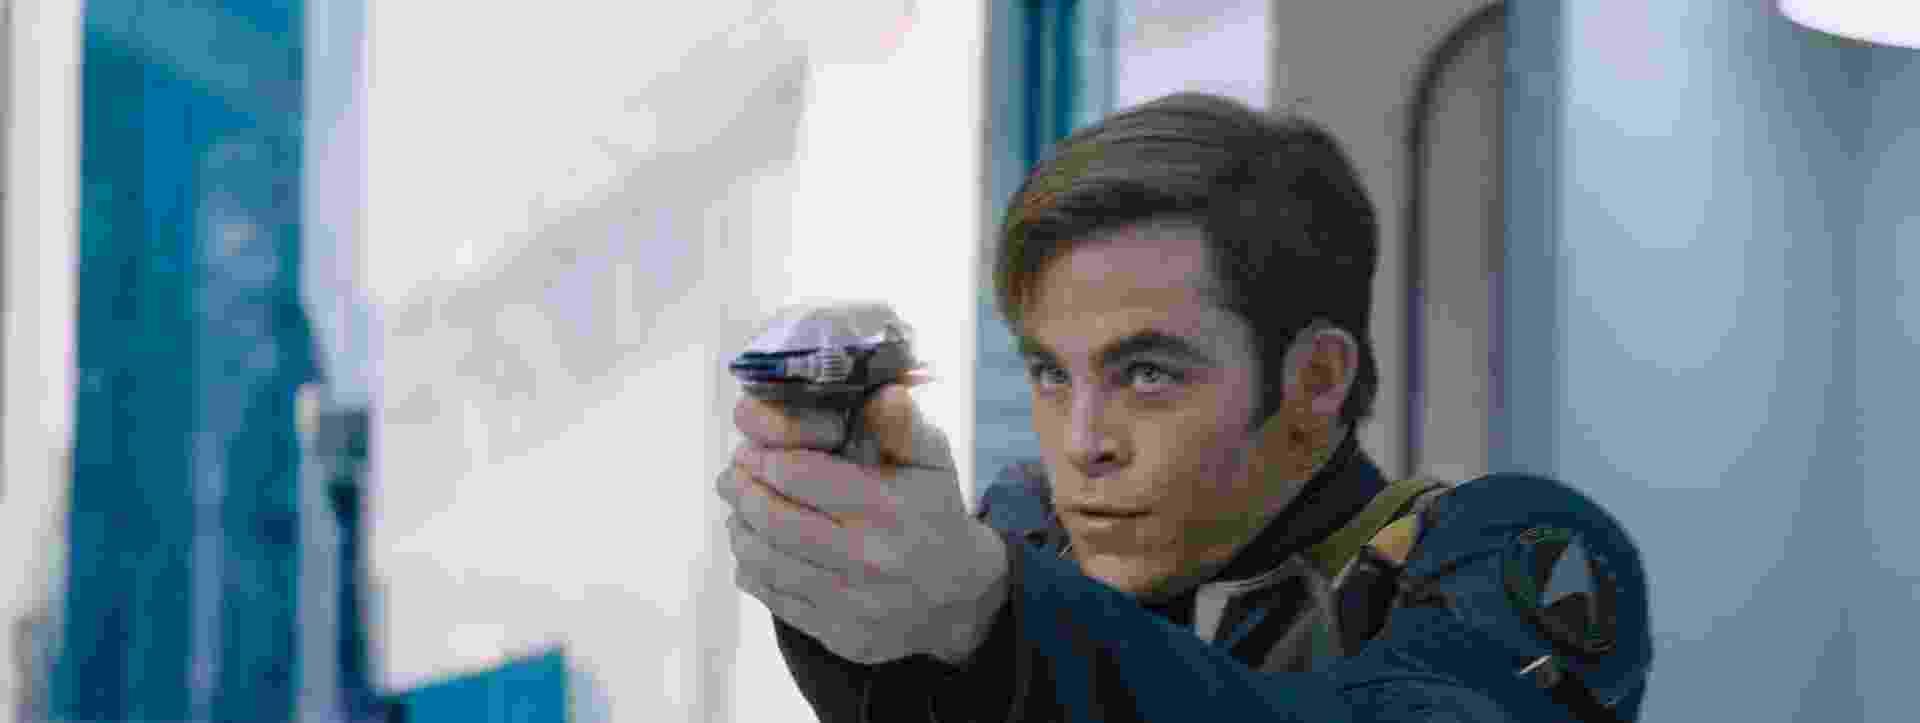 """Chris Pine é Kirk em """"Star Trek: Sem Fronteiras"""", que estreia no Brasil no dia 1º de setembro de 2016, ano que marca os 50 anos da série. A franquia estreou como série de TV em 1966 e virou filme em 1979 - Stephen Windon/Divulgação"""